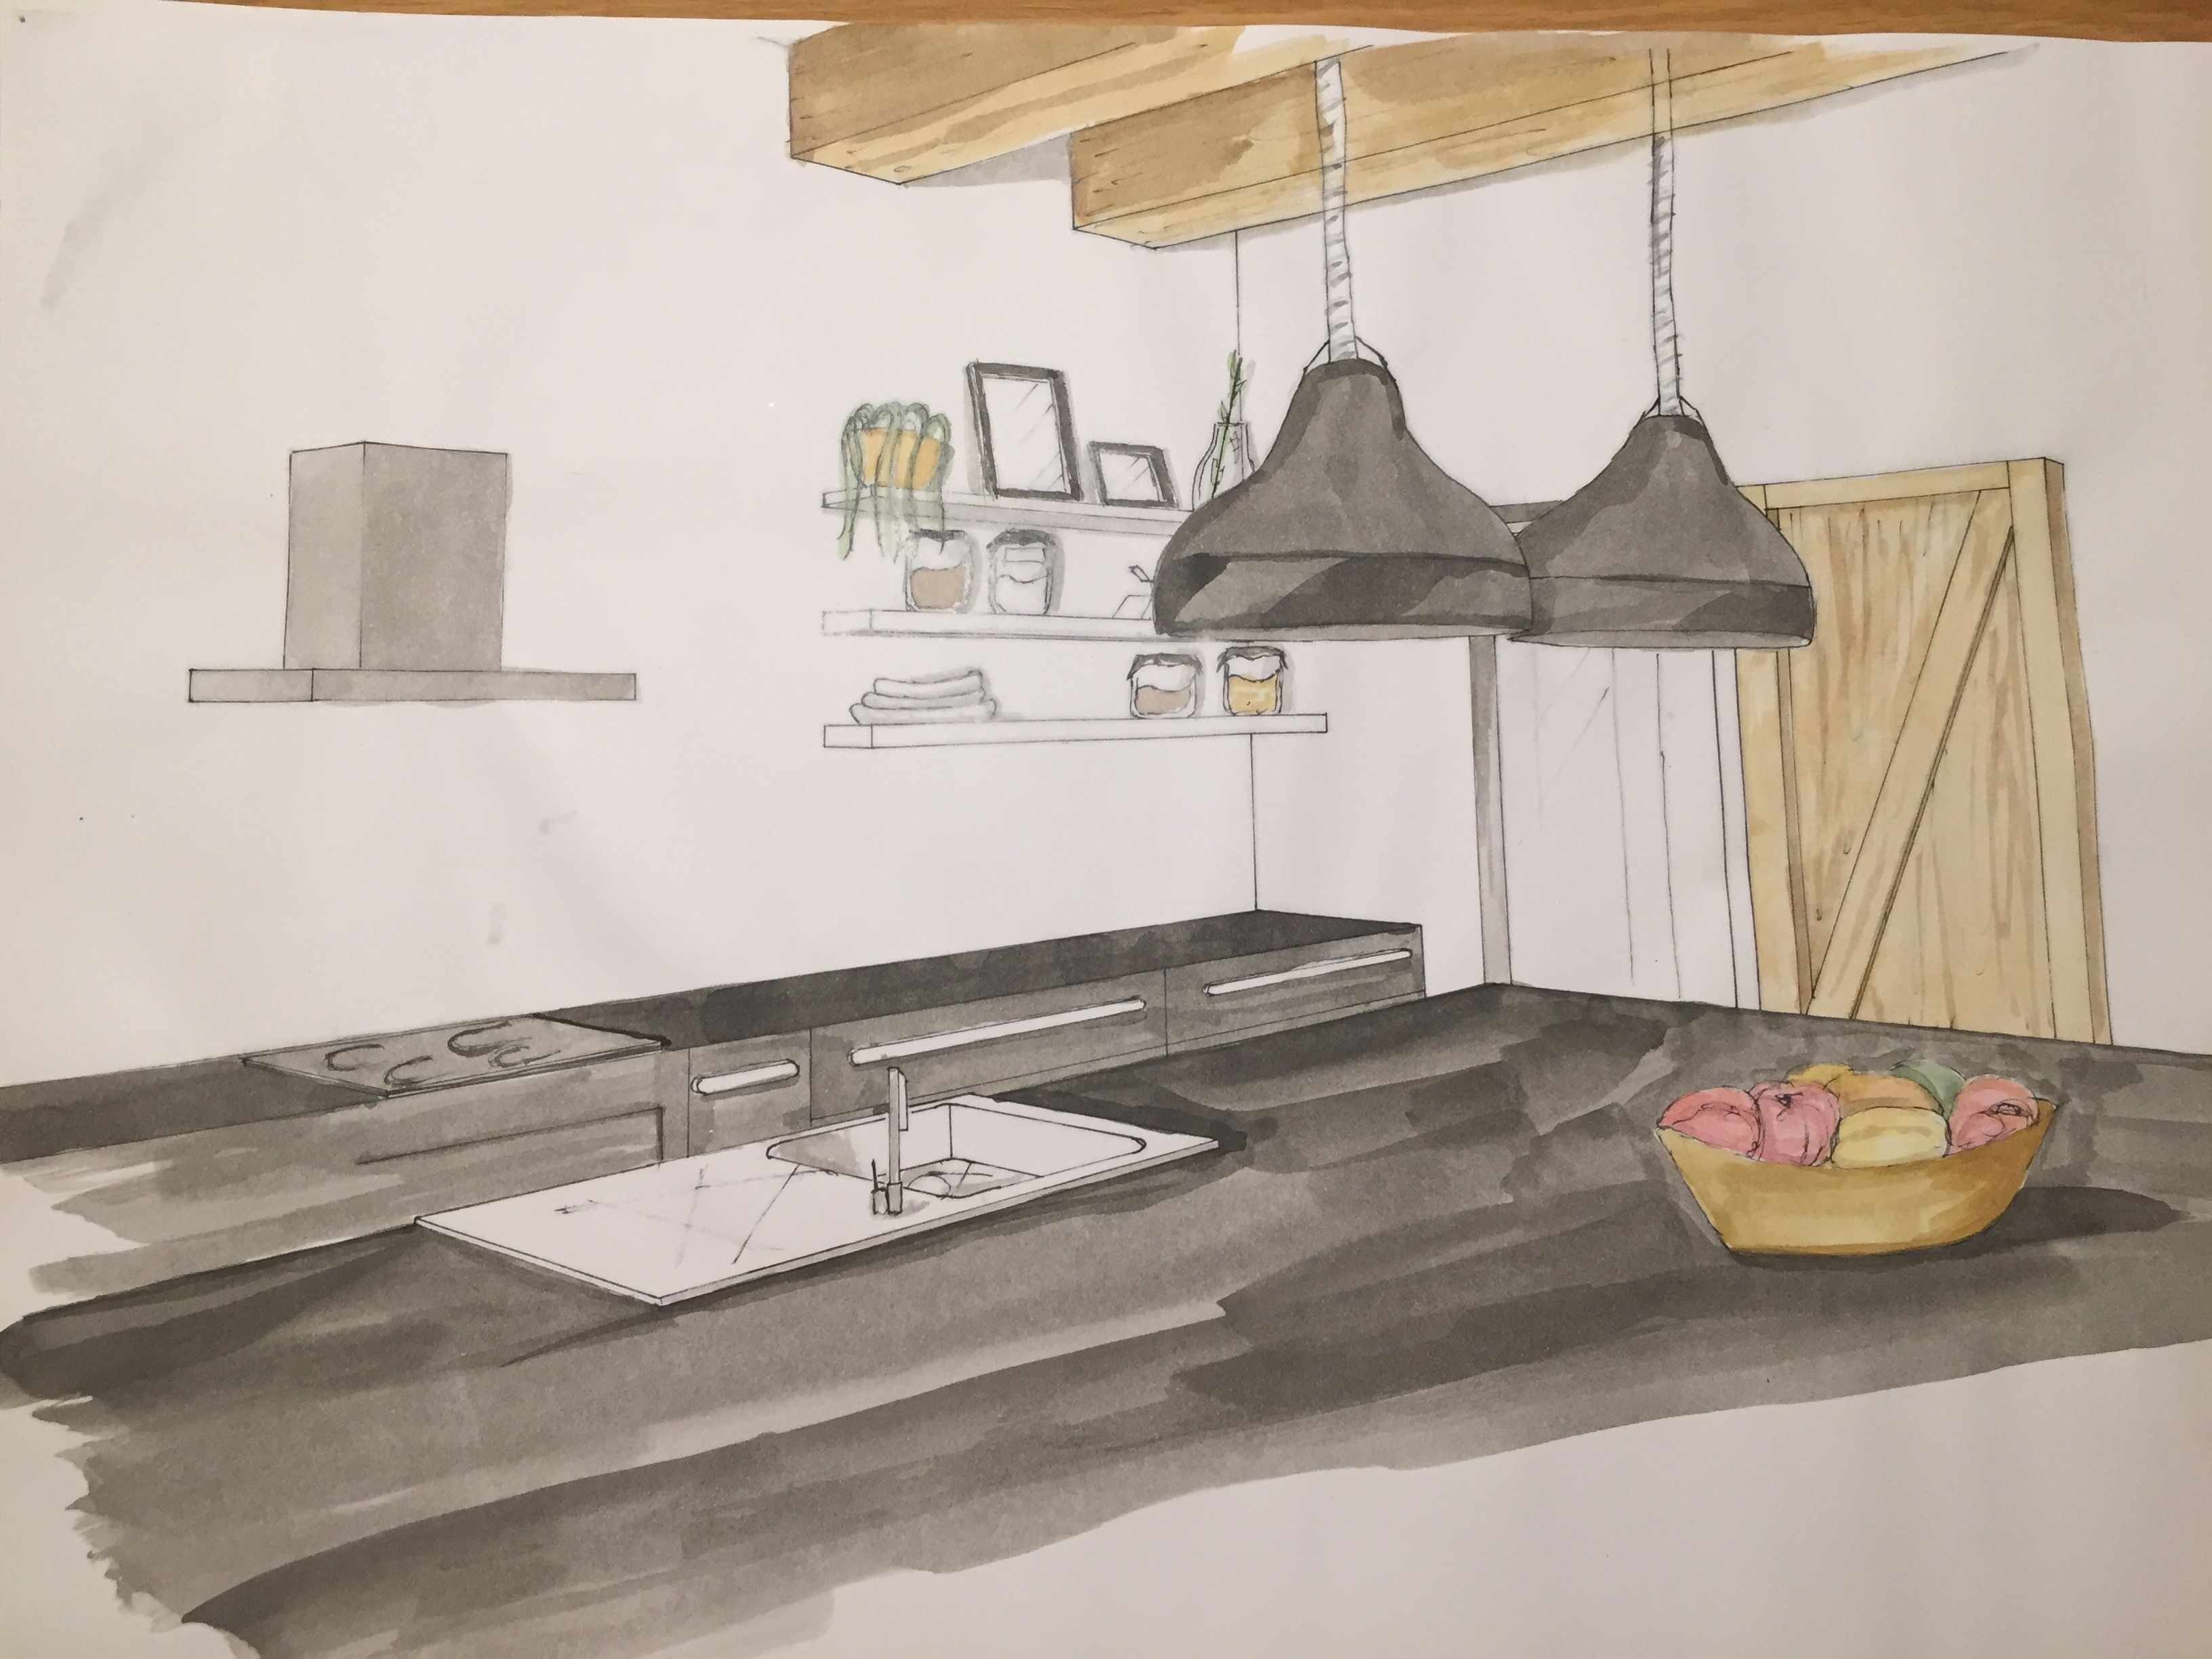 Perspective Cuisine Architecture D Interieur Architecture Interieure Architecture Interieur